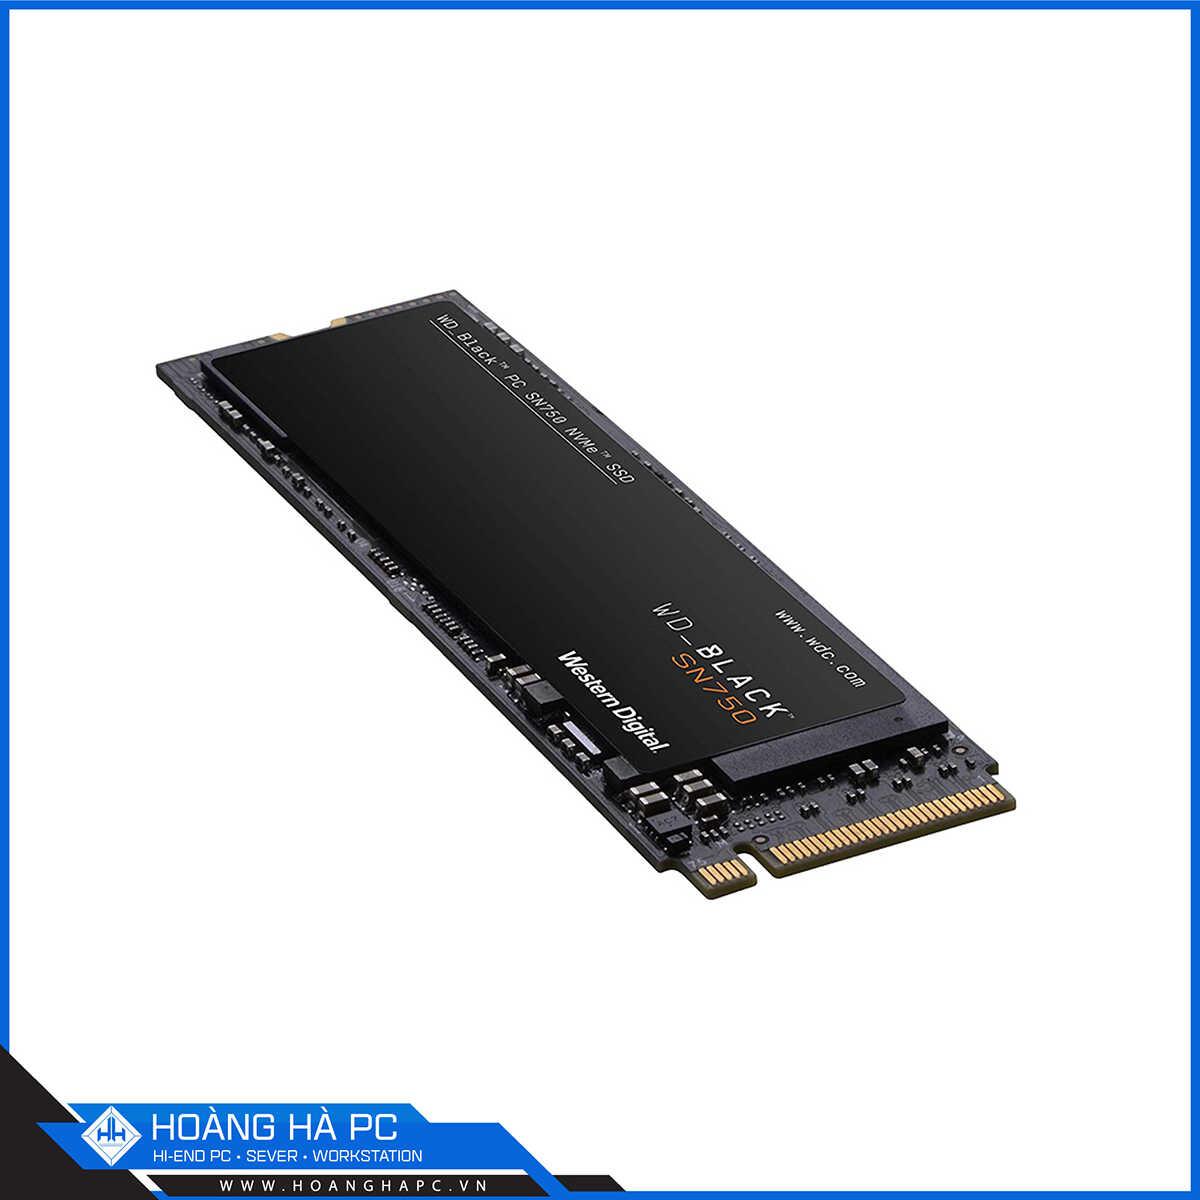 Ổ Cứng SSD Western Digital Black SN750 250GB M.2 2280 PCIe NVMe 3x4